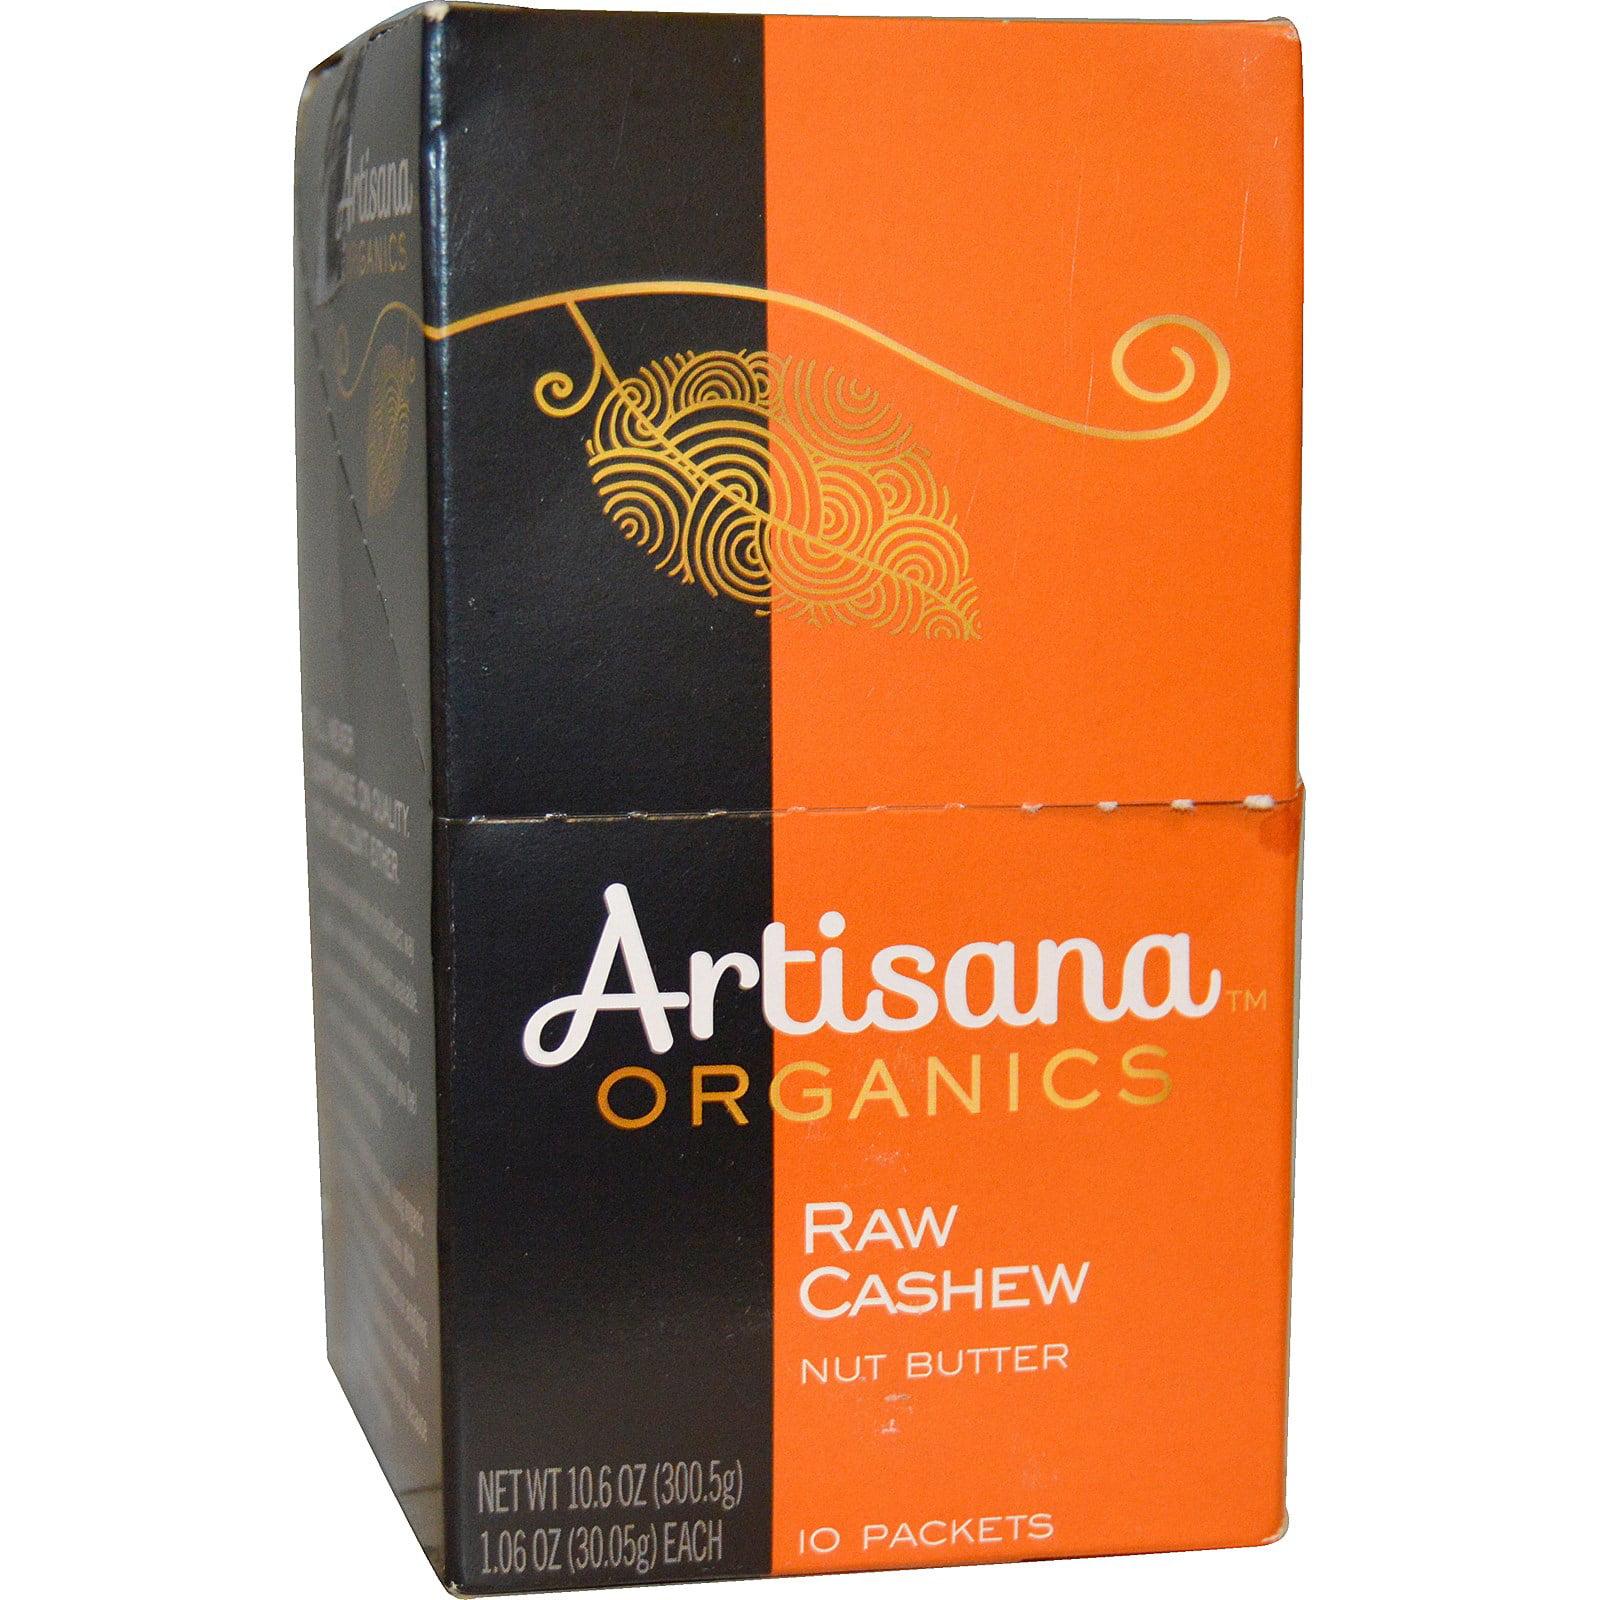 Artisana, Organics, Raw Cashew Nut Butter, 10 Packets, 1....